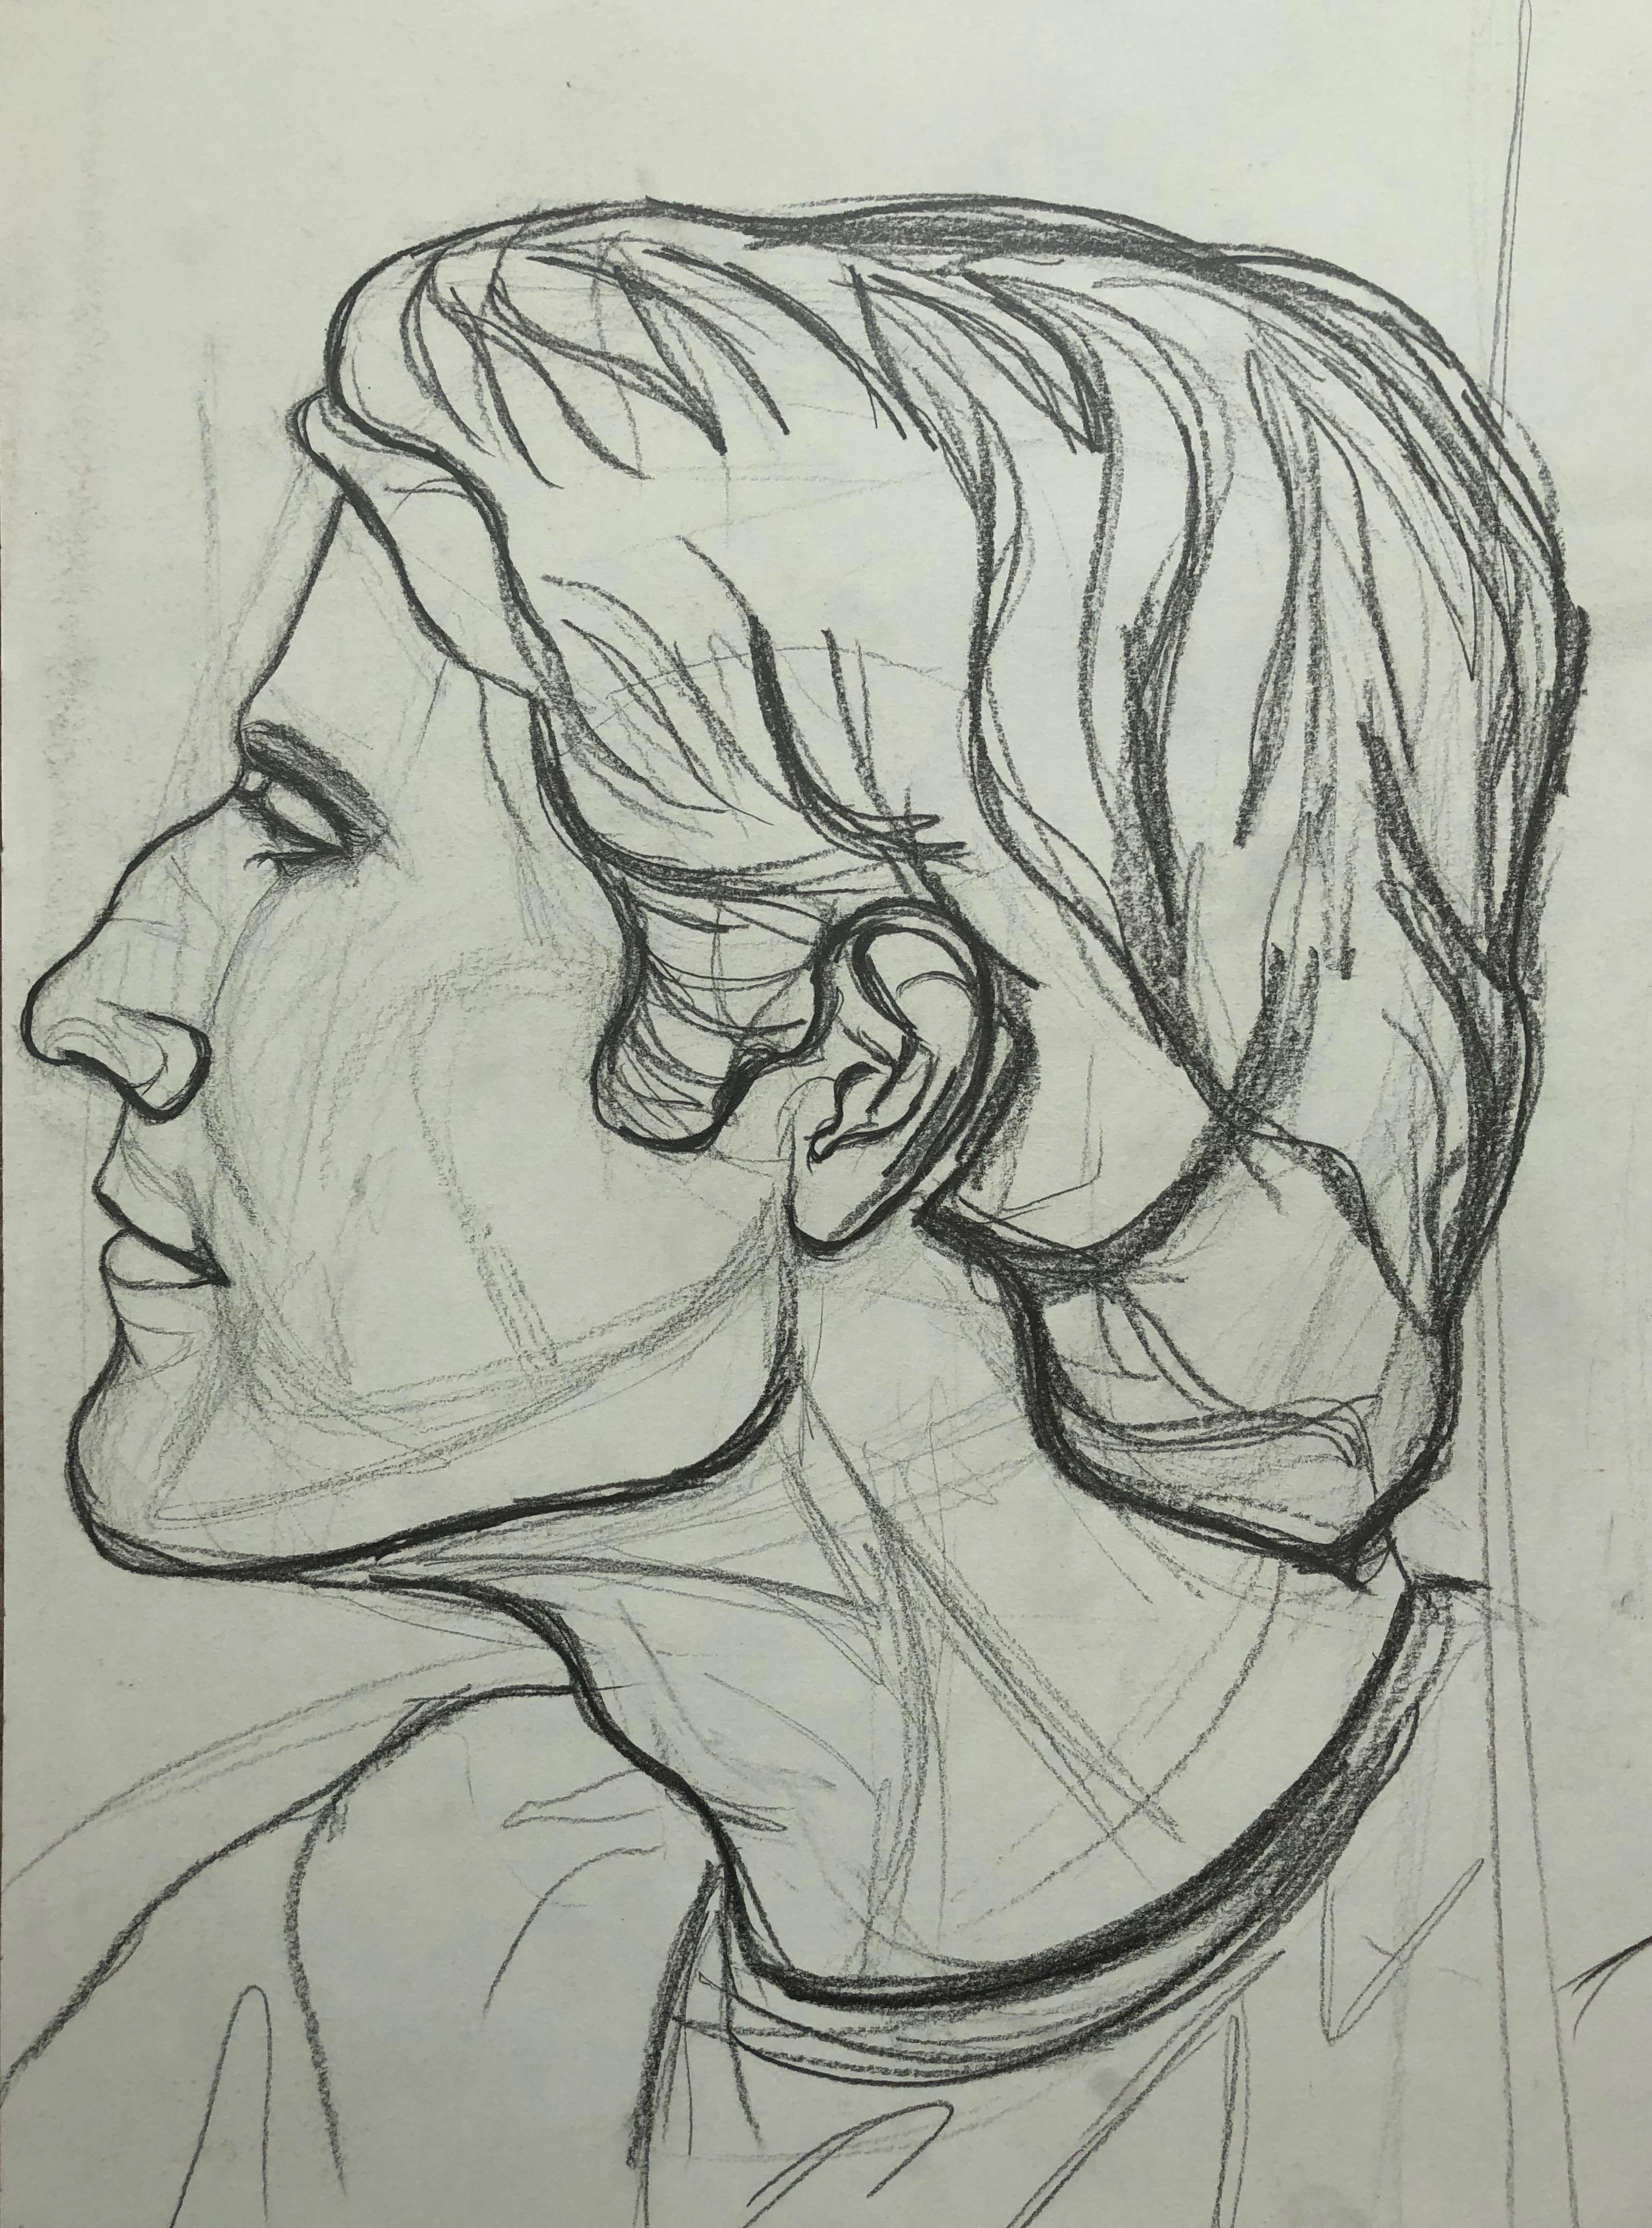 Profile Man's Face